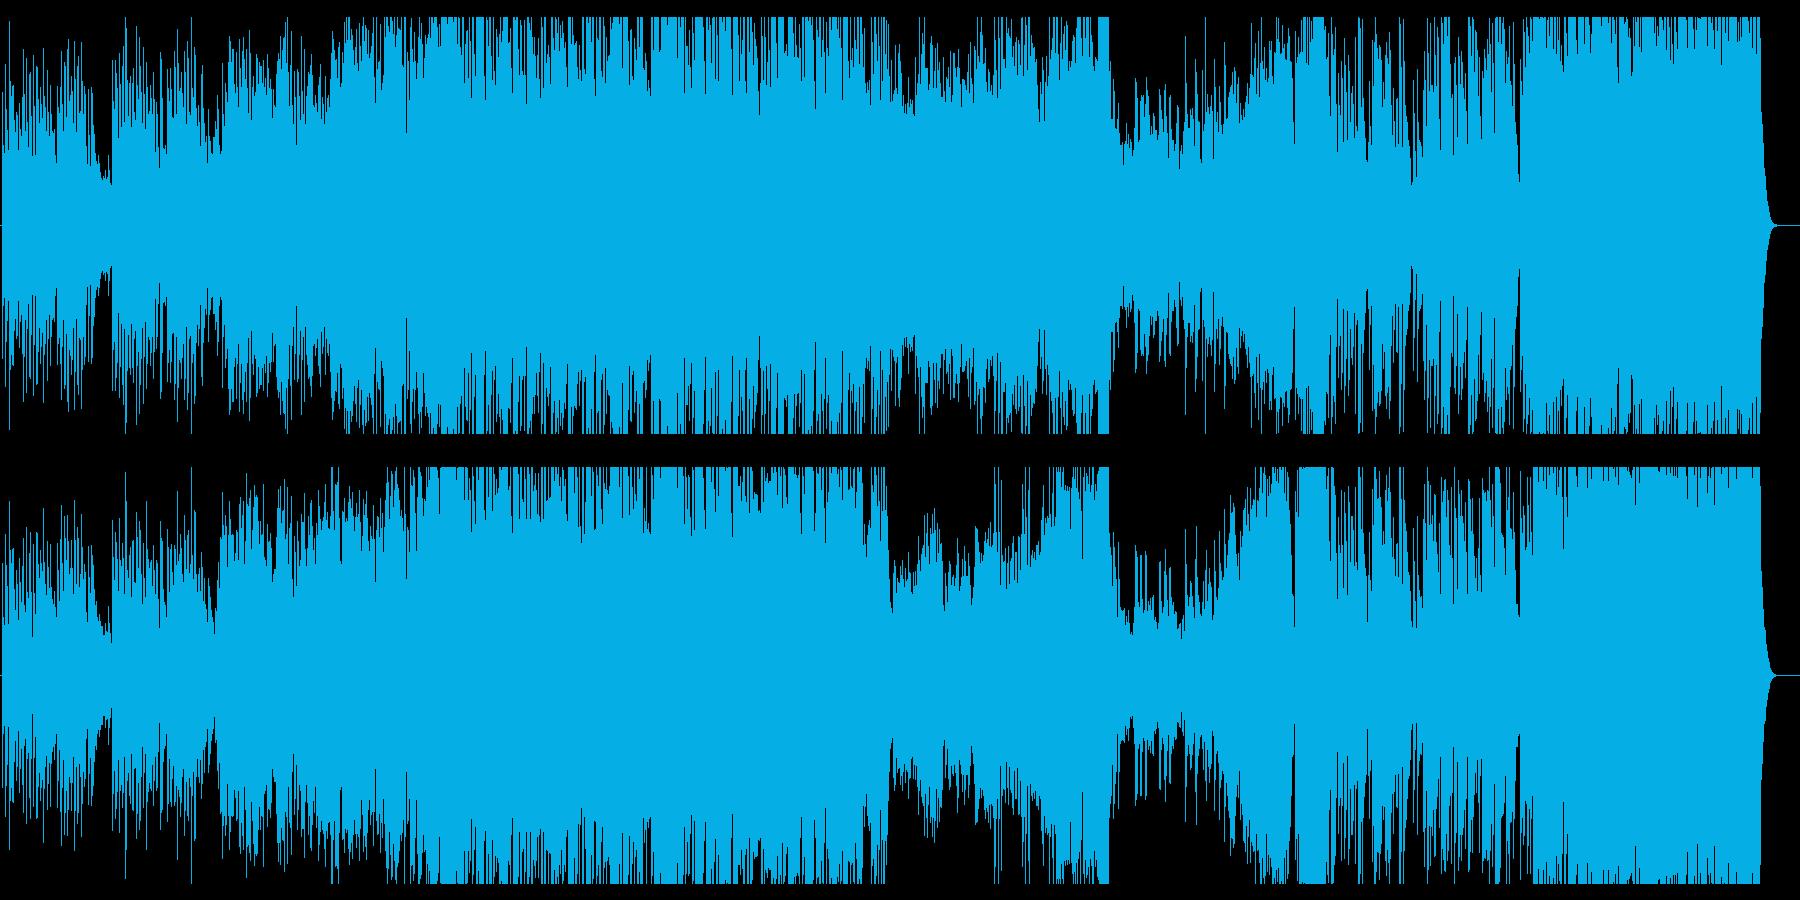 ふるさと なつかしい日本音楽の再生済みの波形